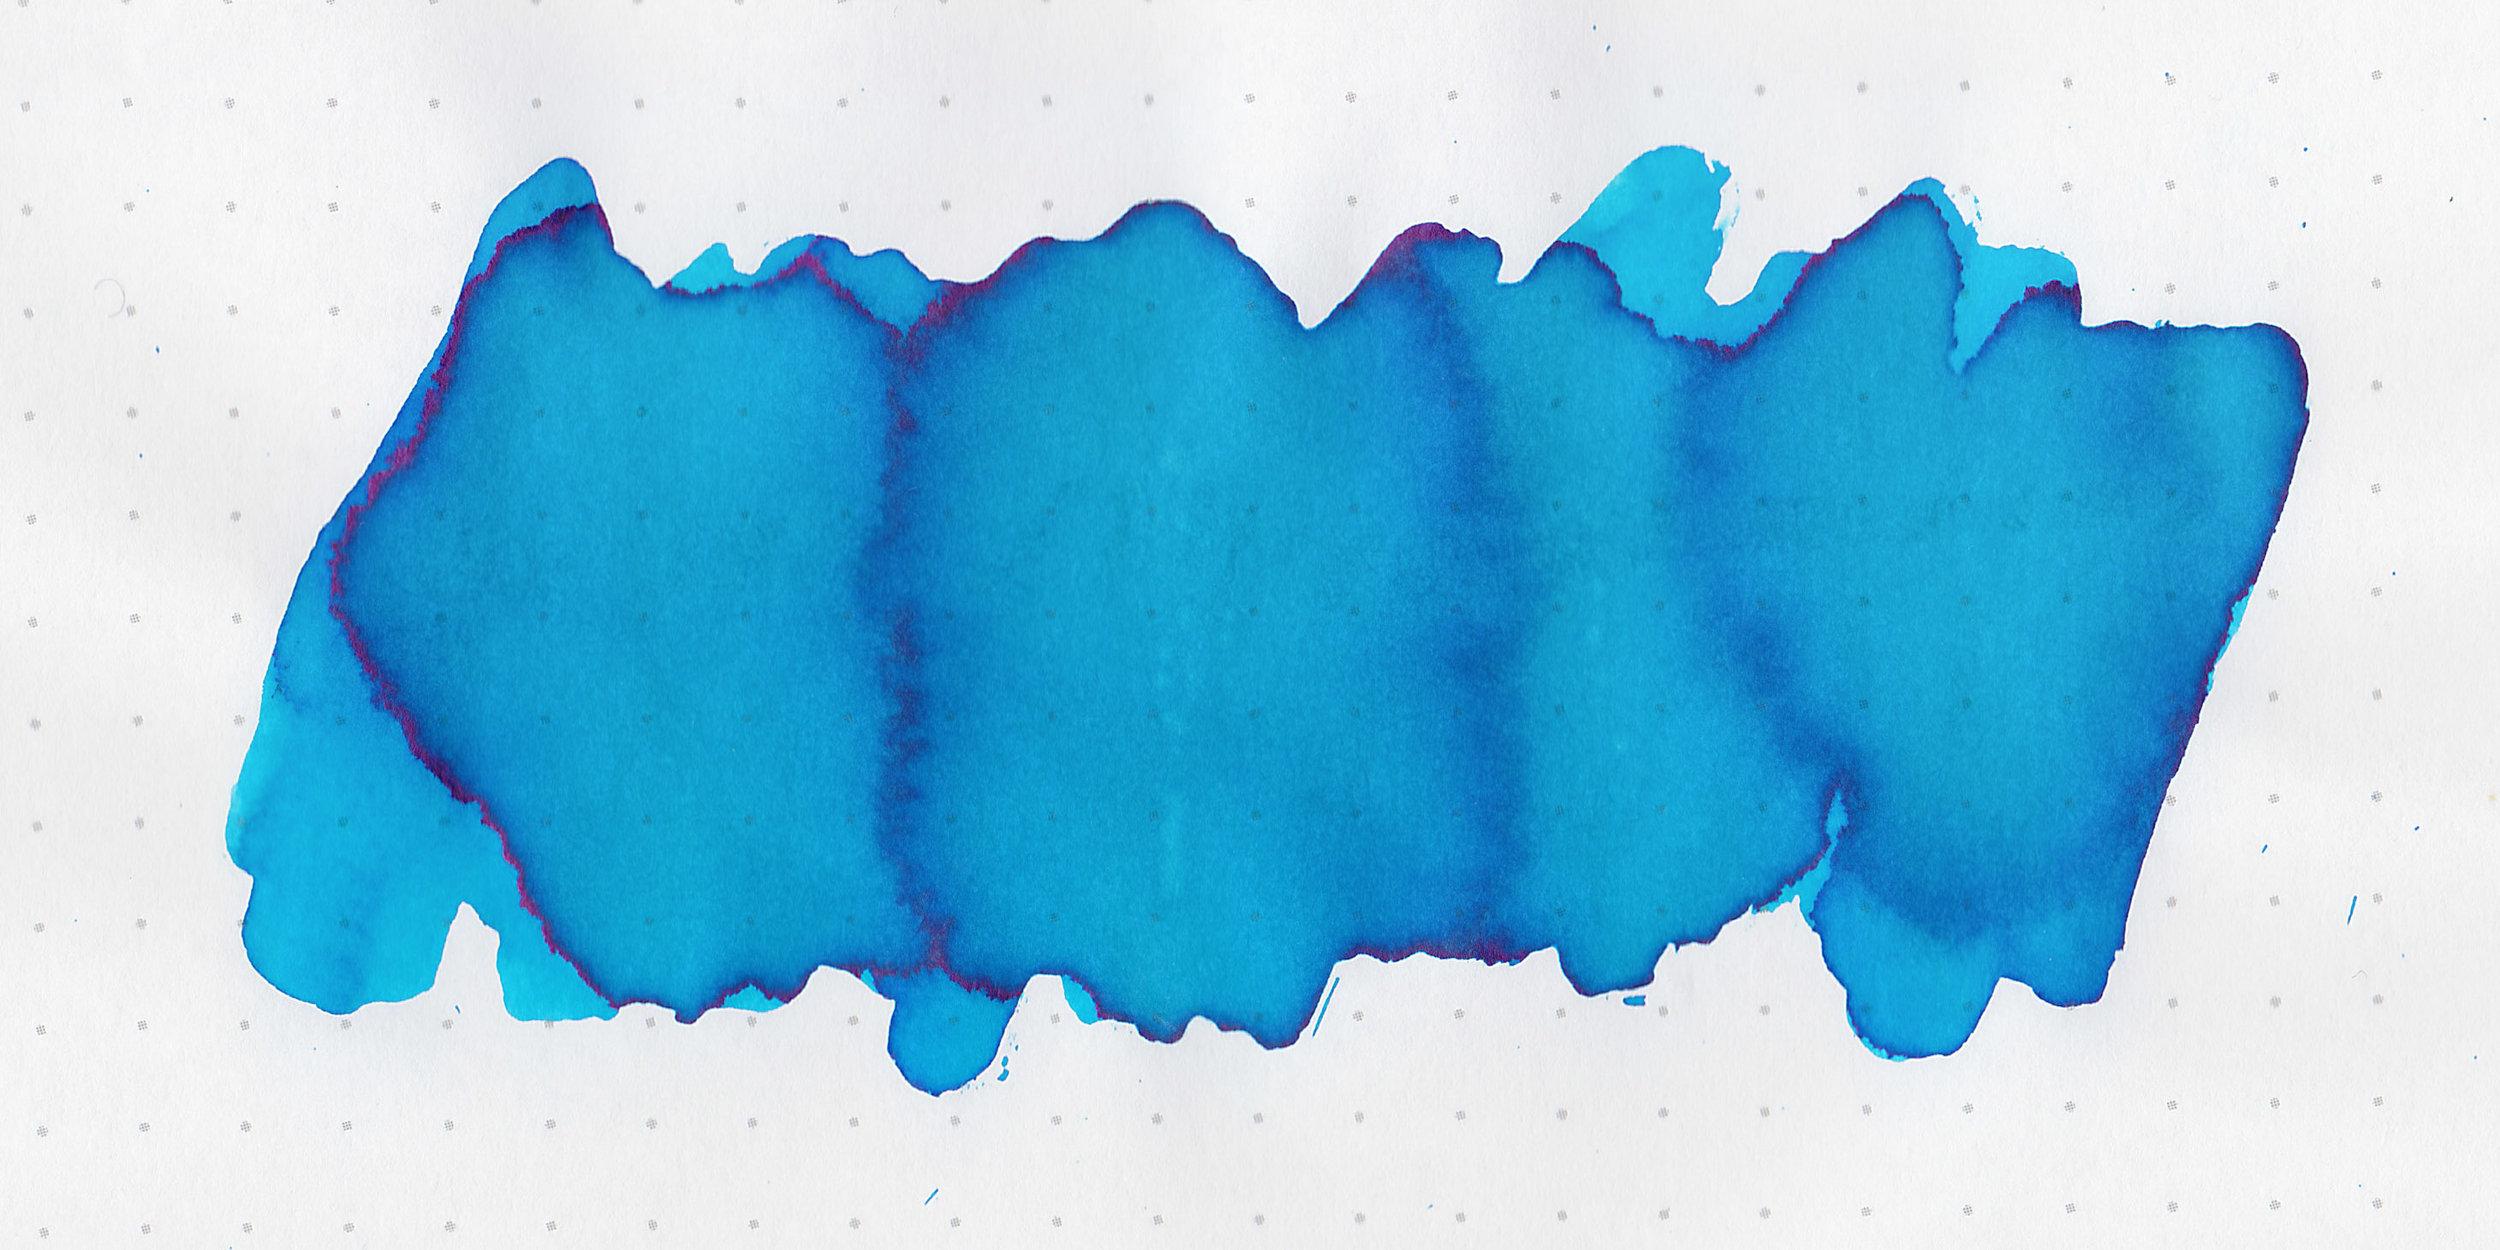 mv-caribbean-blue-3.jpg